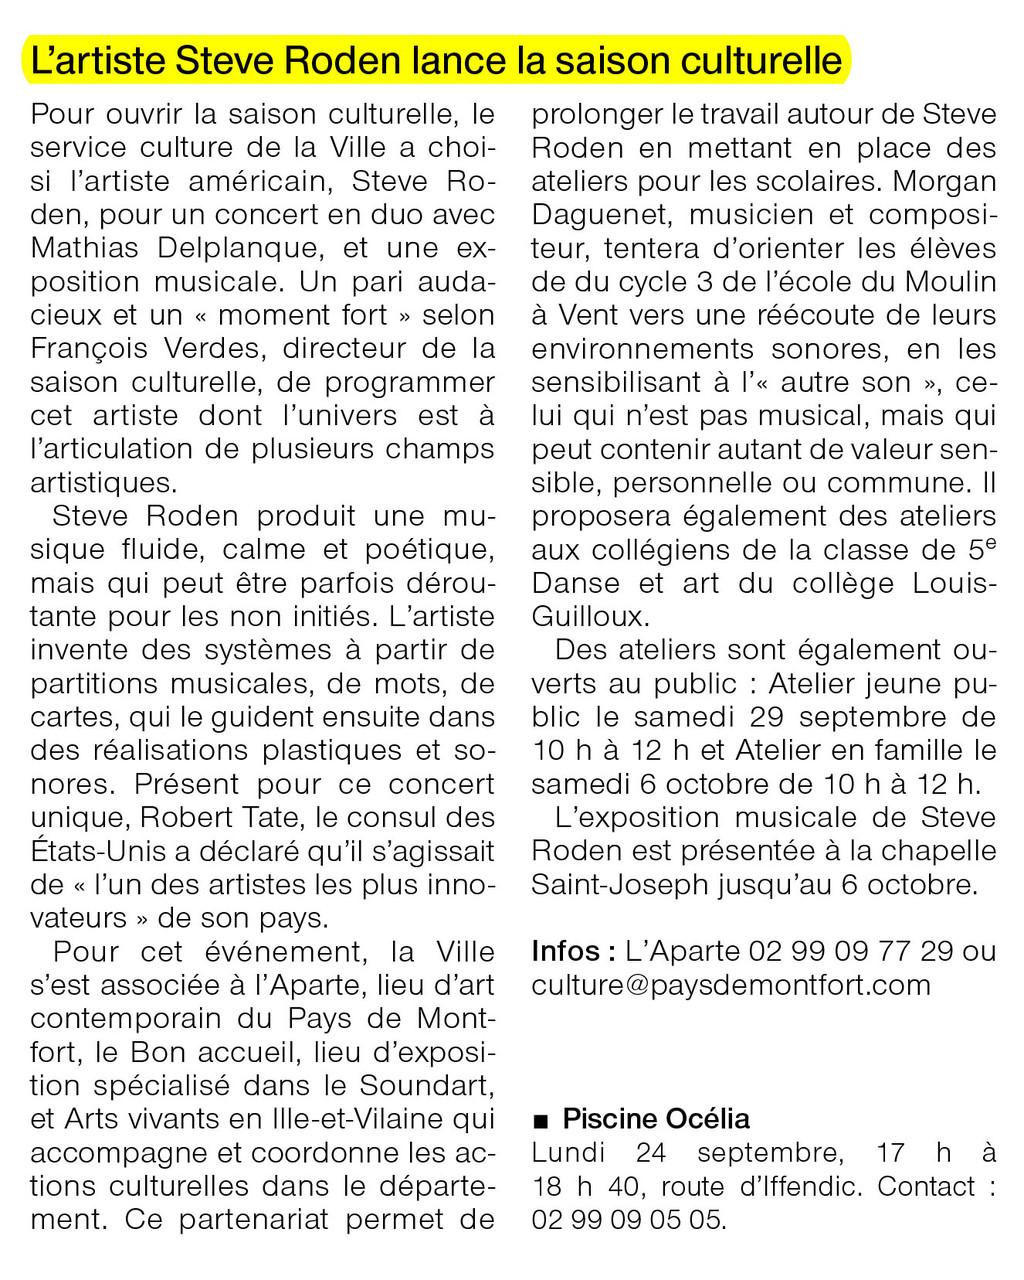 Ouest-France - 24 septembre 2012